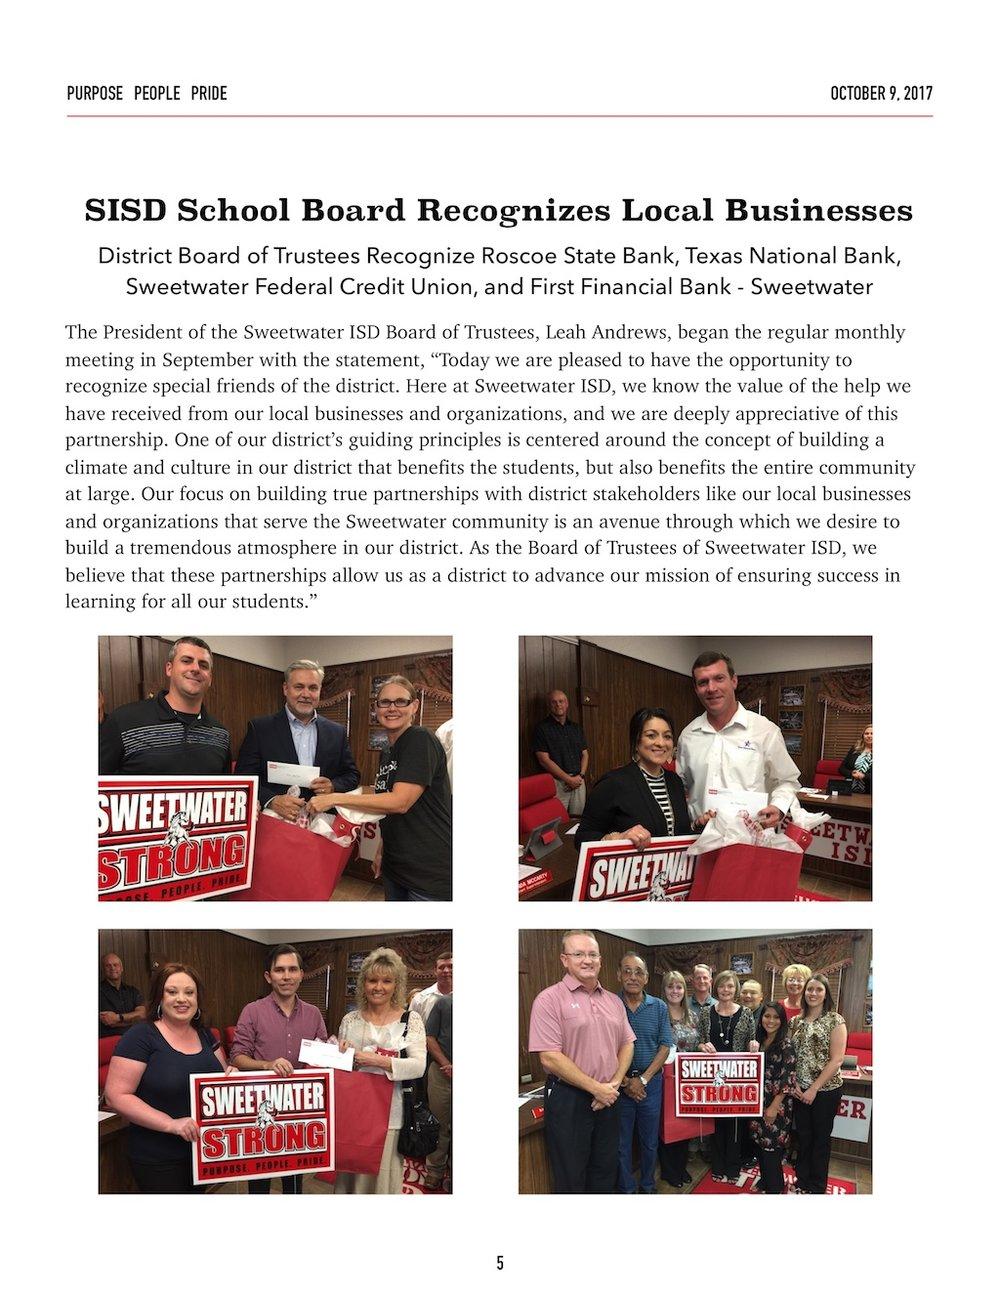 SISD Newsletter October 2017 5.jpg